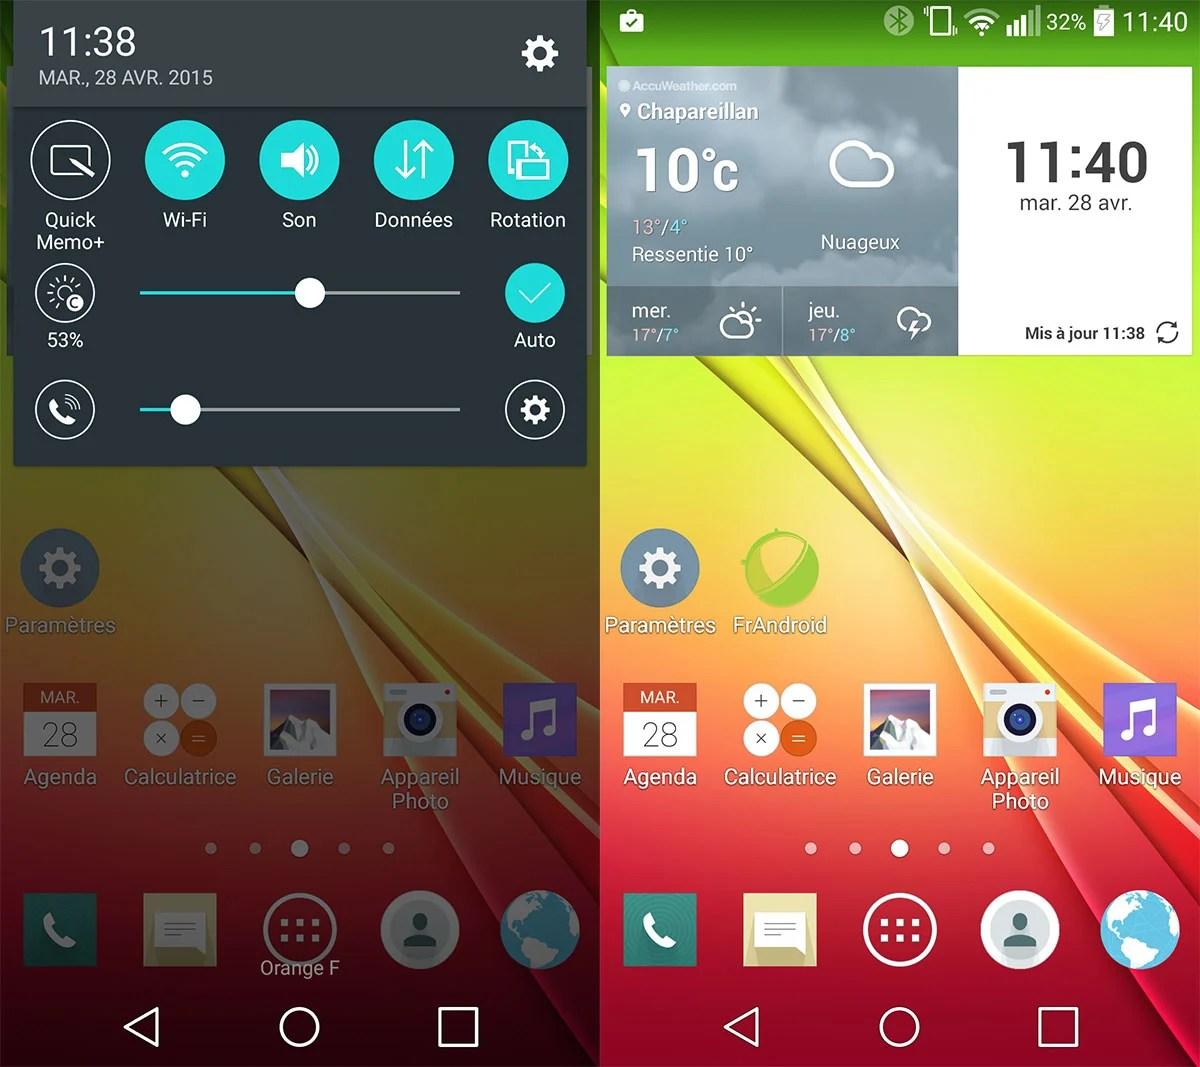 Lollipop est disponible pour le LG G2 via LG Support Tool